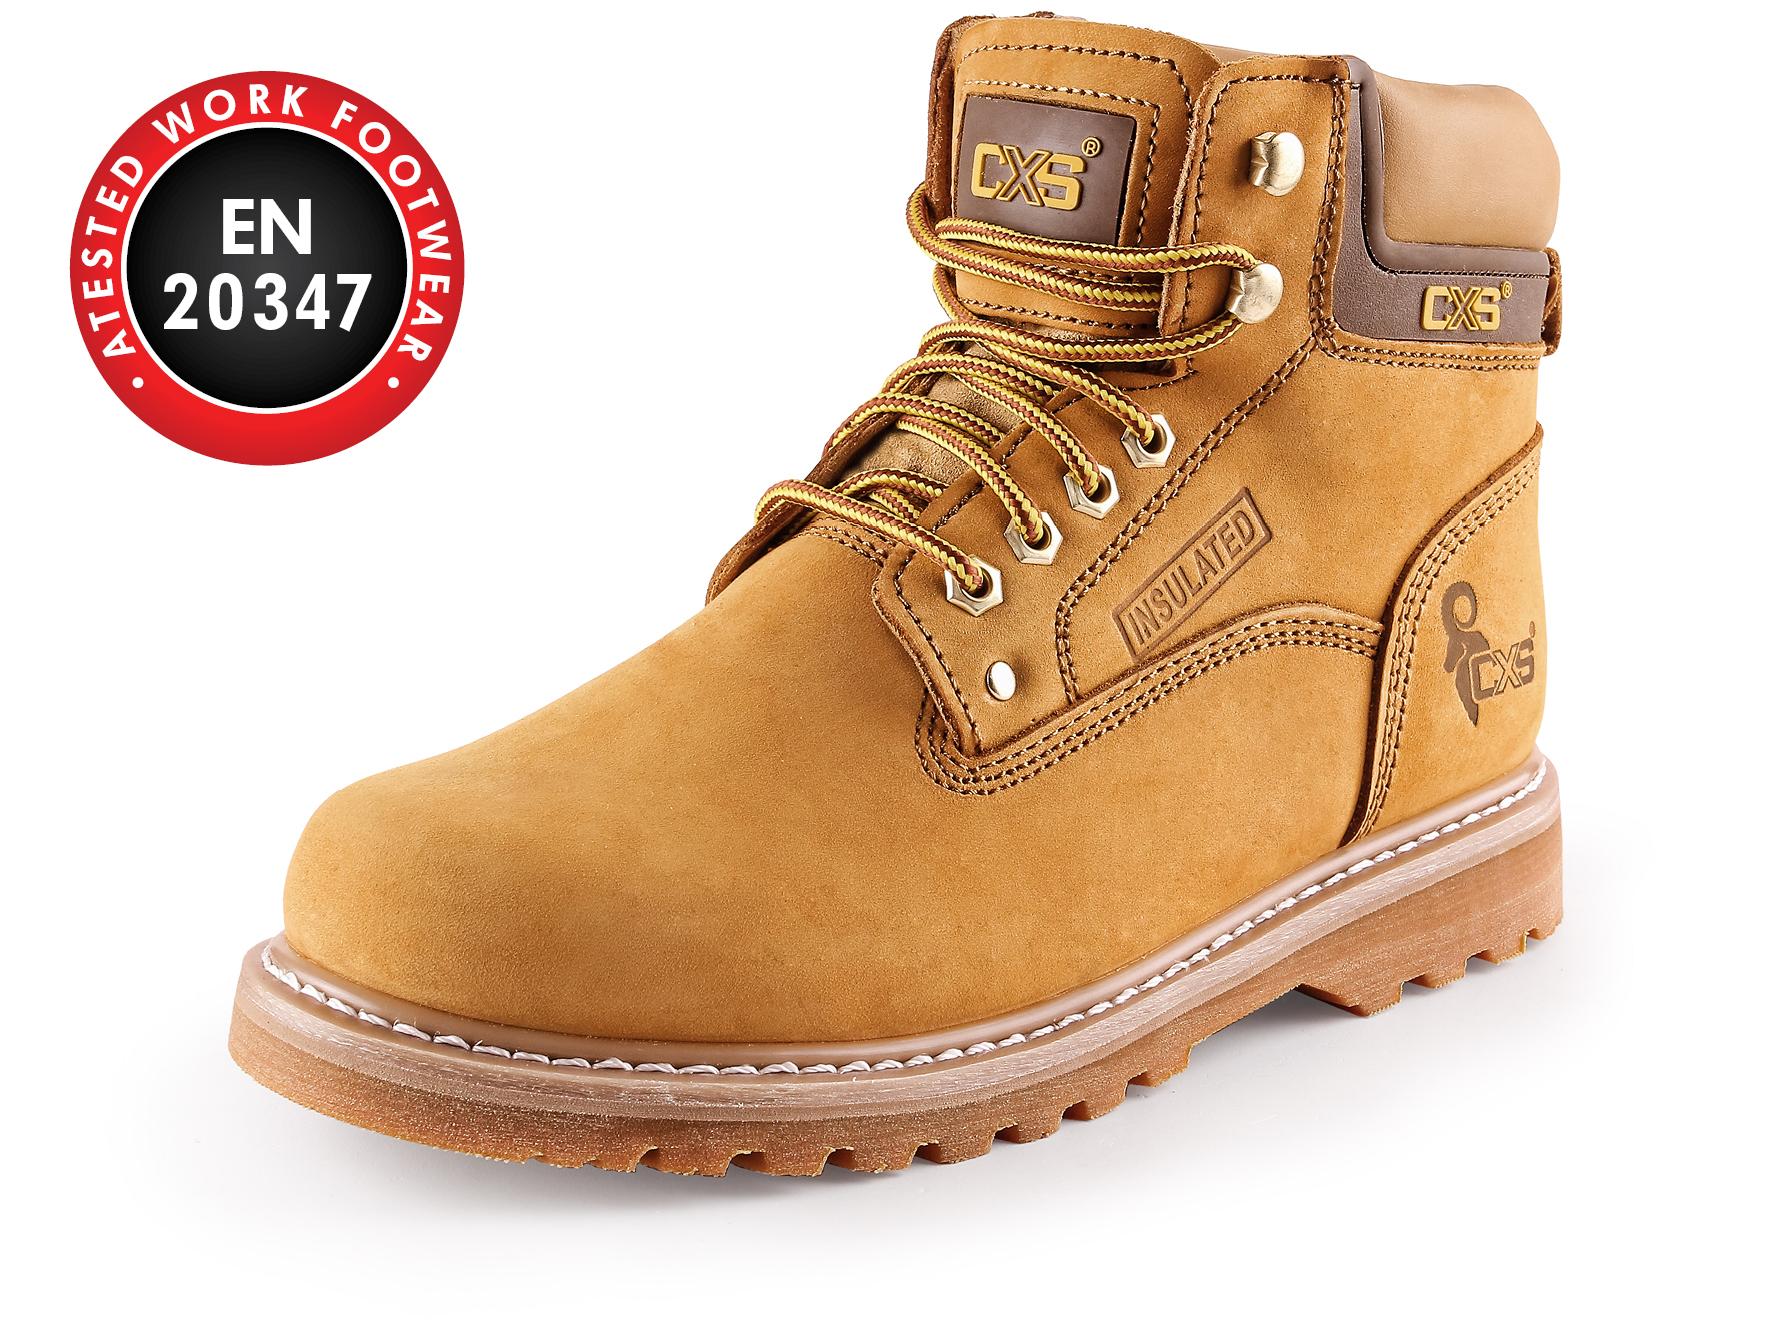 Kotníková obuv ROAD AVERS - 15926_2112 001 612 00 ROAD AVERS